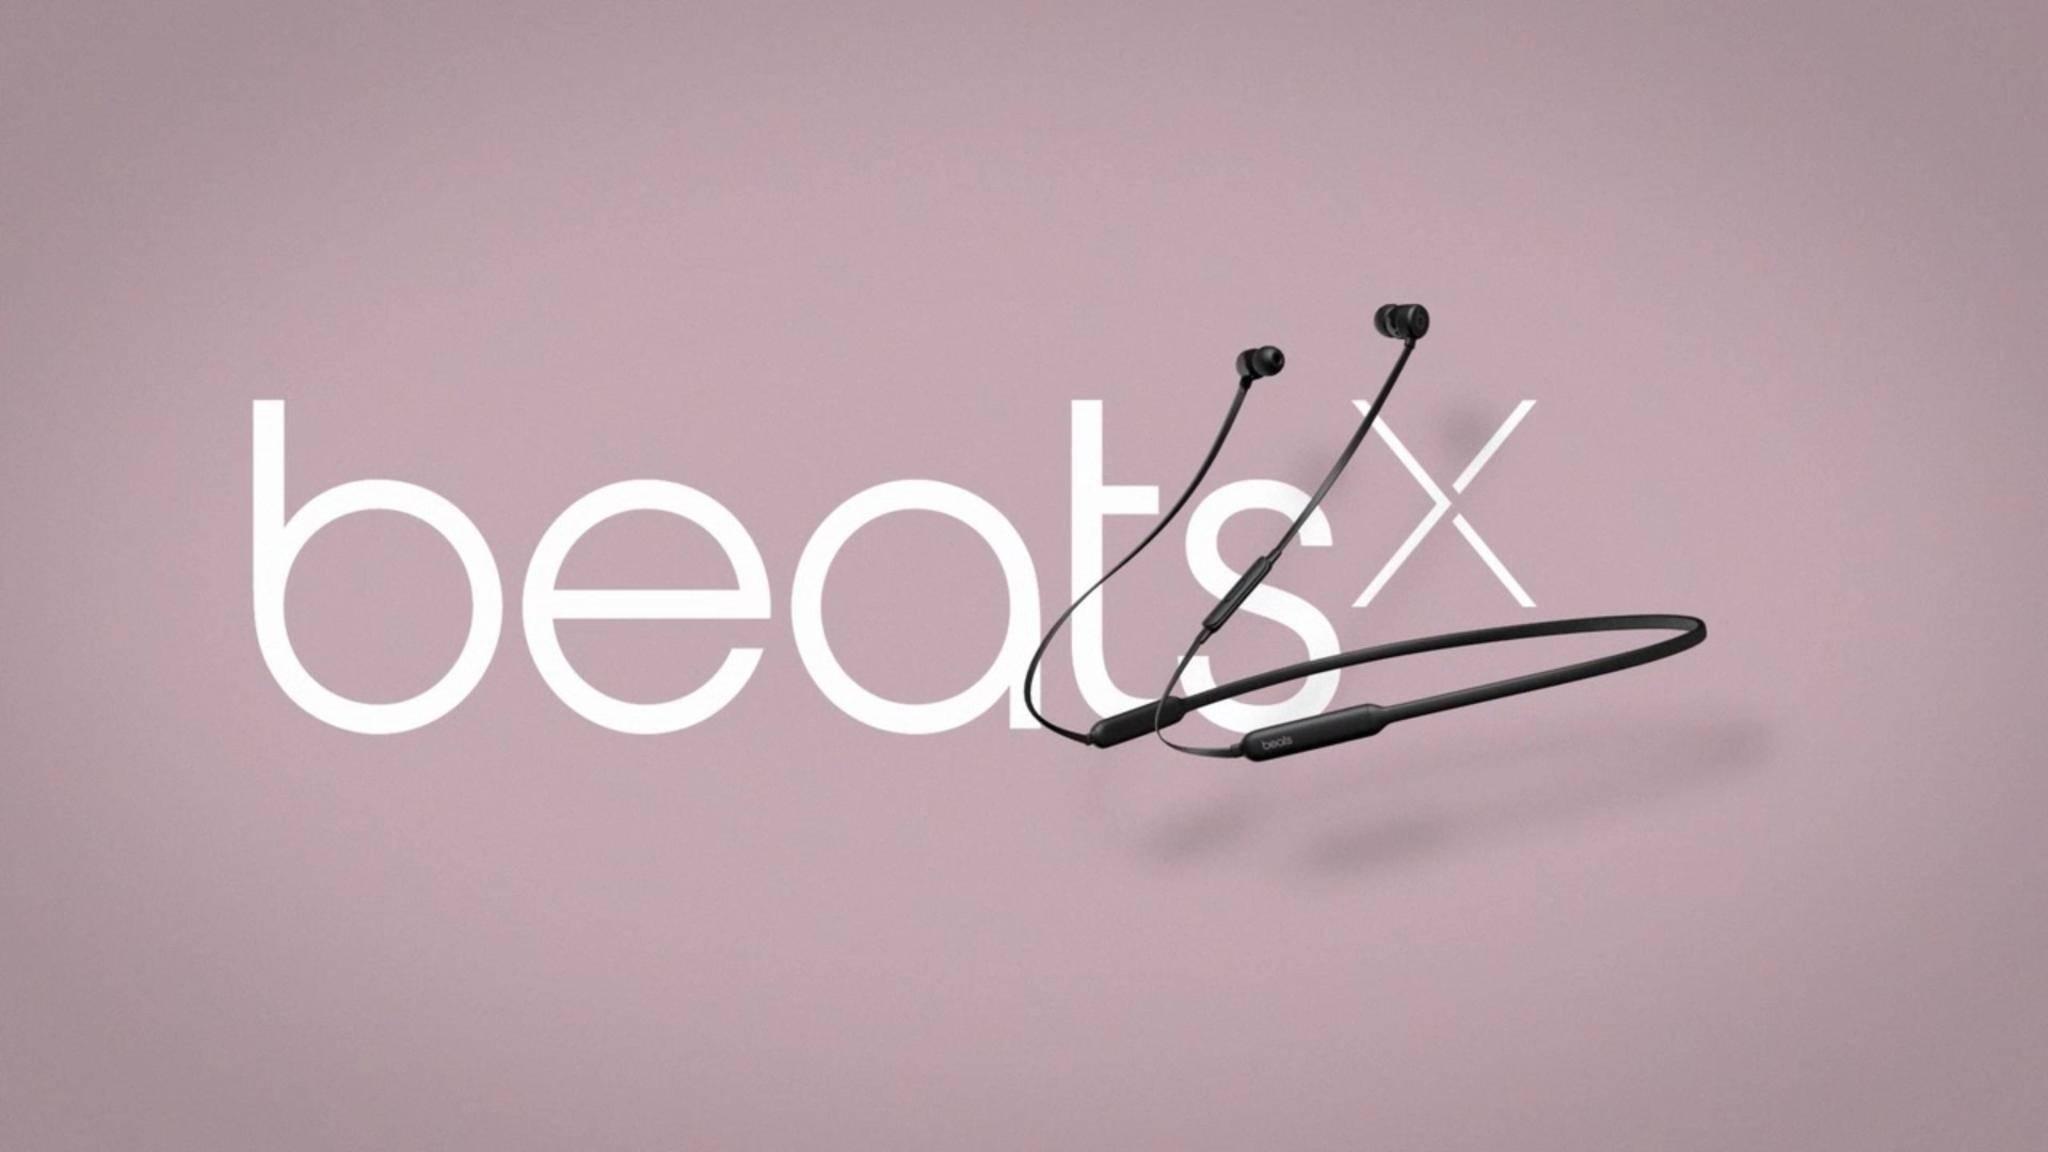 Die BeatsX-Kopfhörer finden endlich ihren Weg in die Läden.